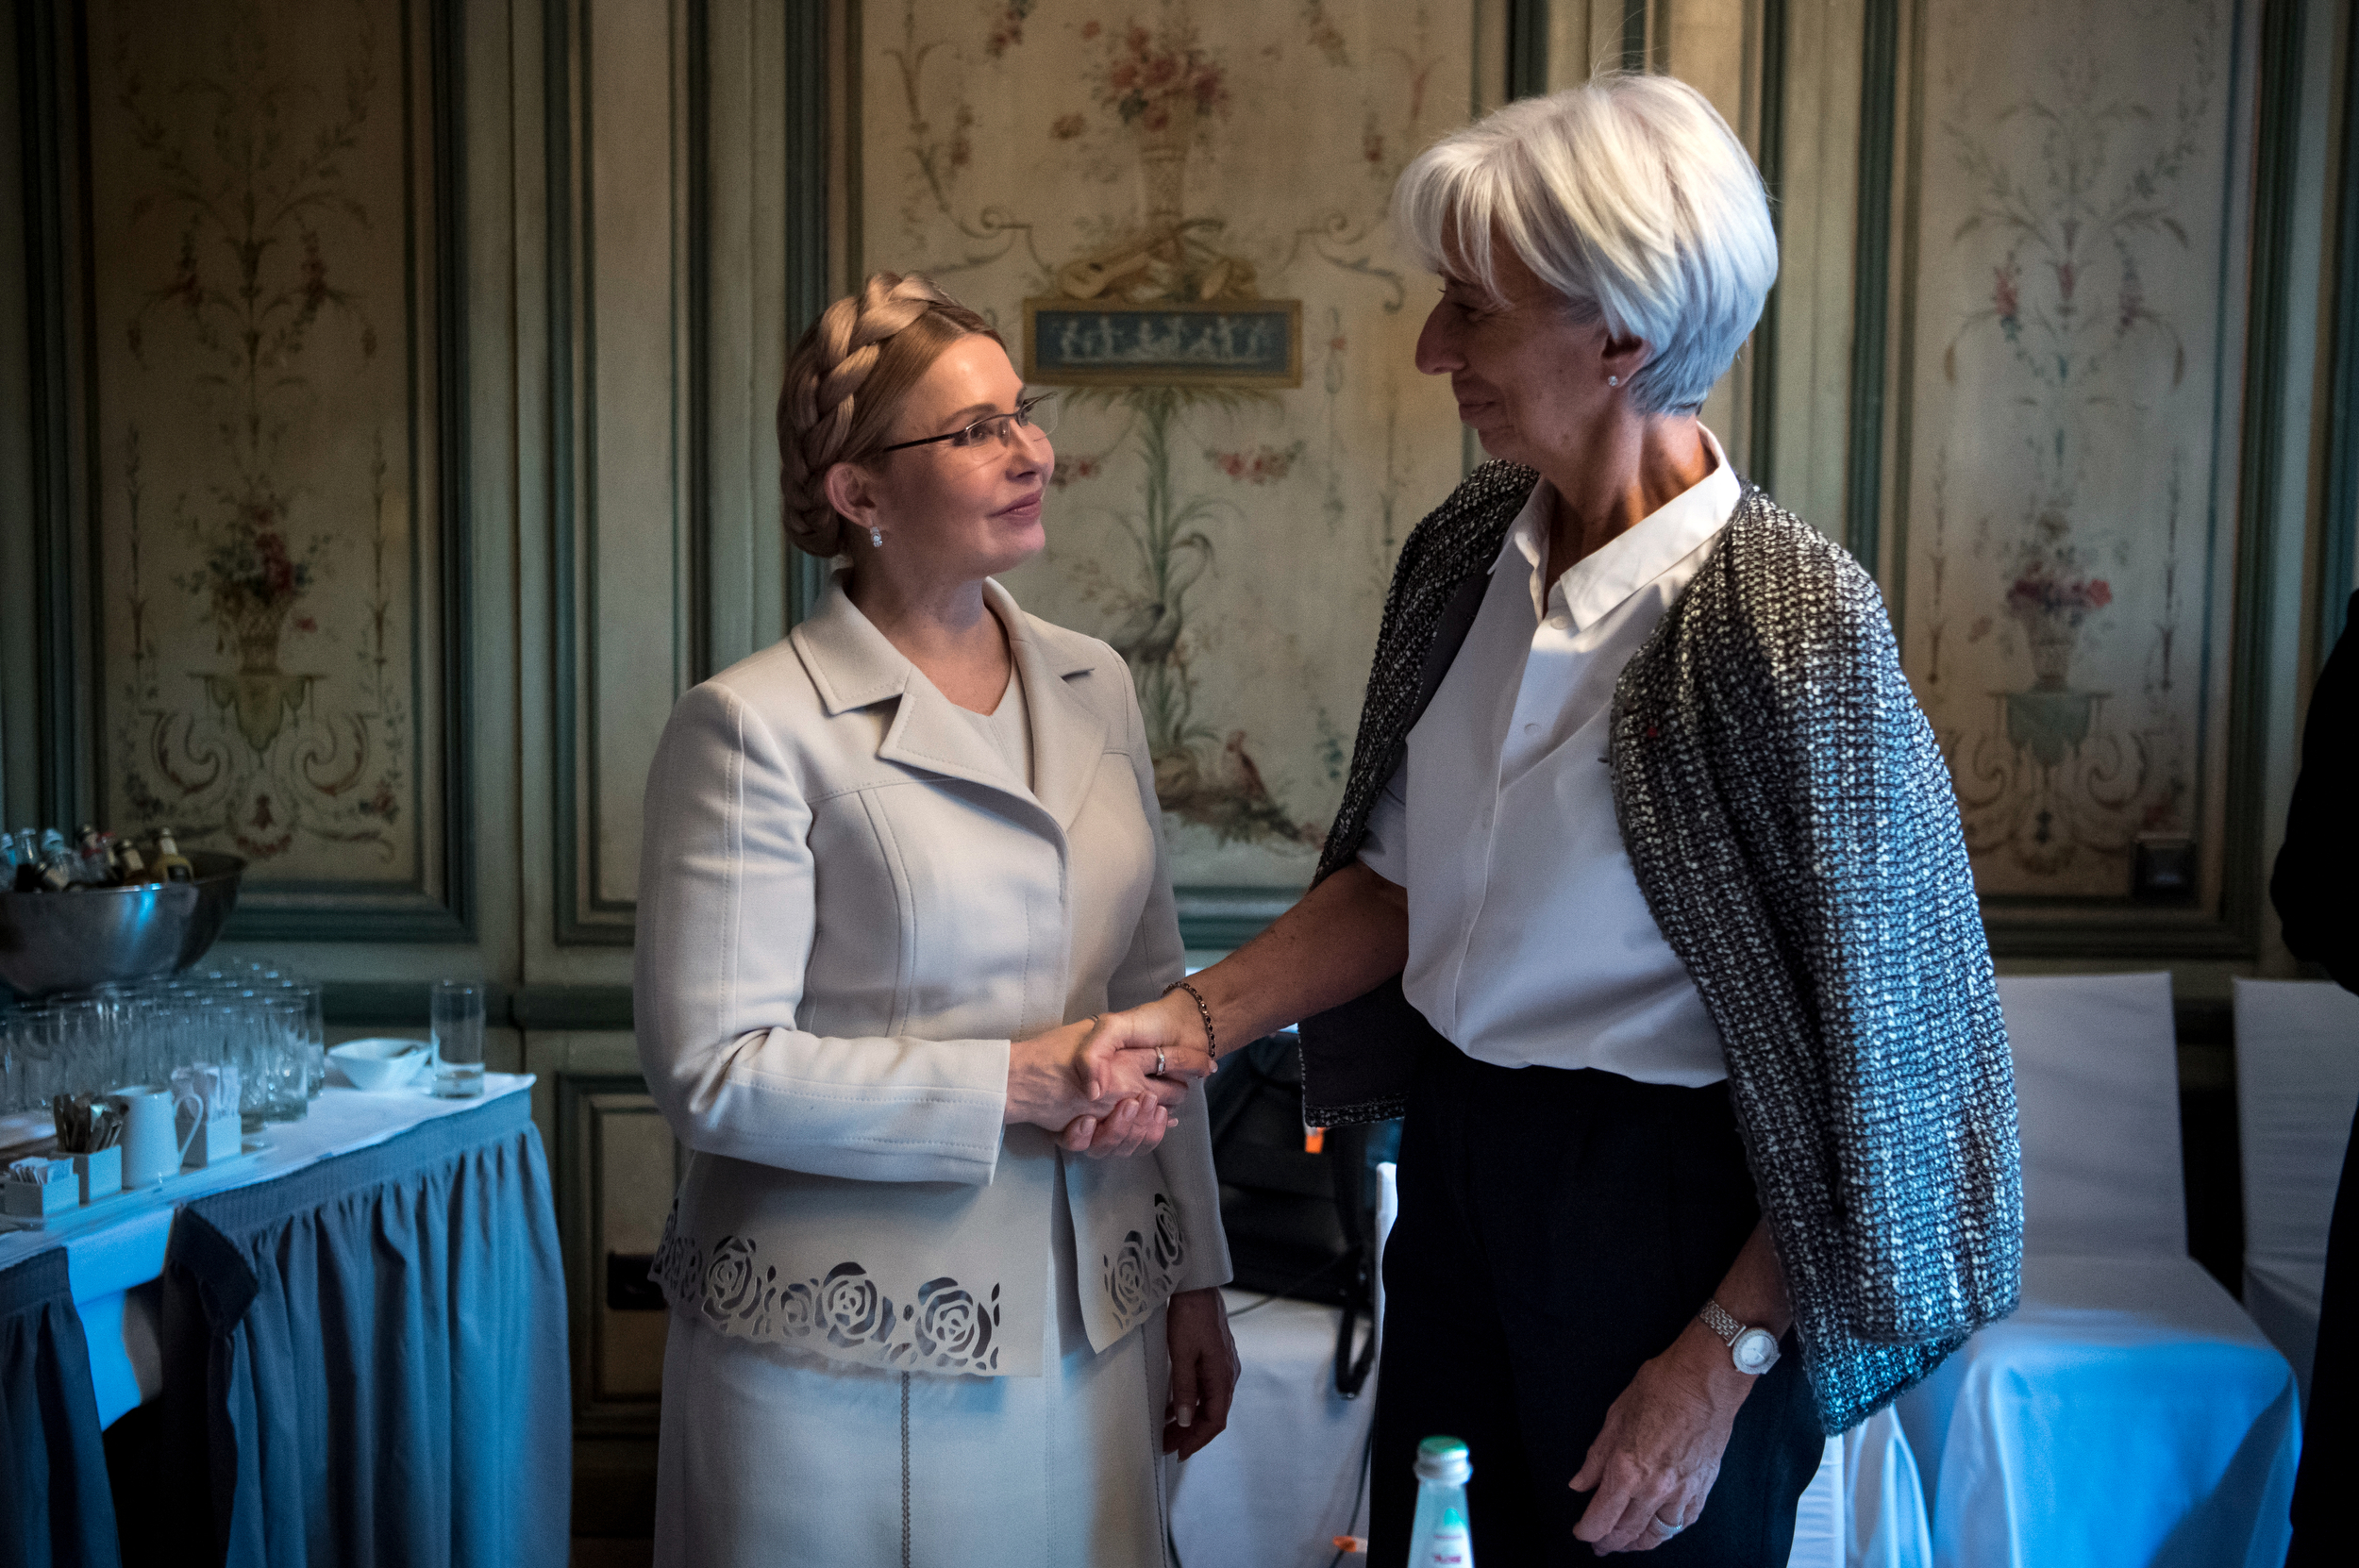 Юлія Тимошенко пояснила директору МВФ, чому ціна на газ для українців буде знижена вдвічі